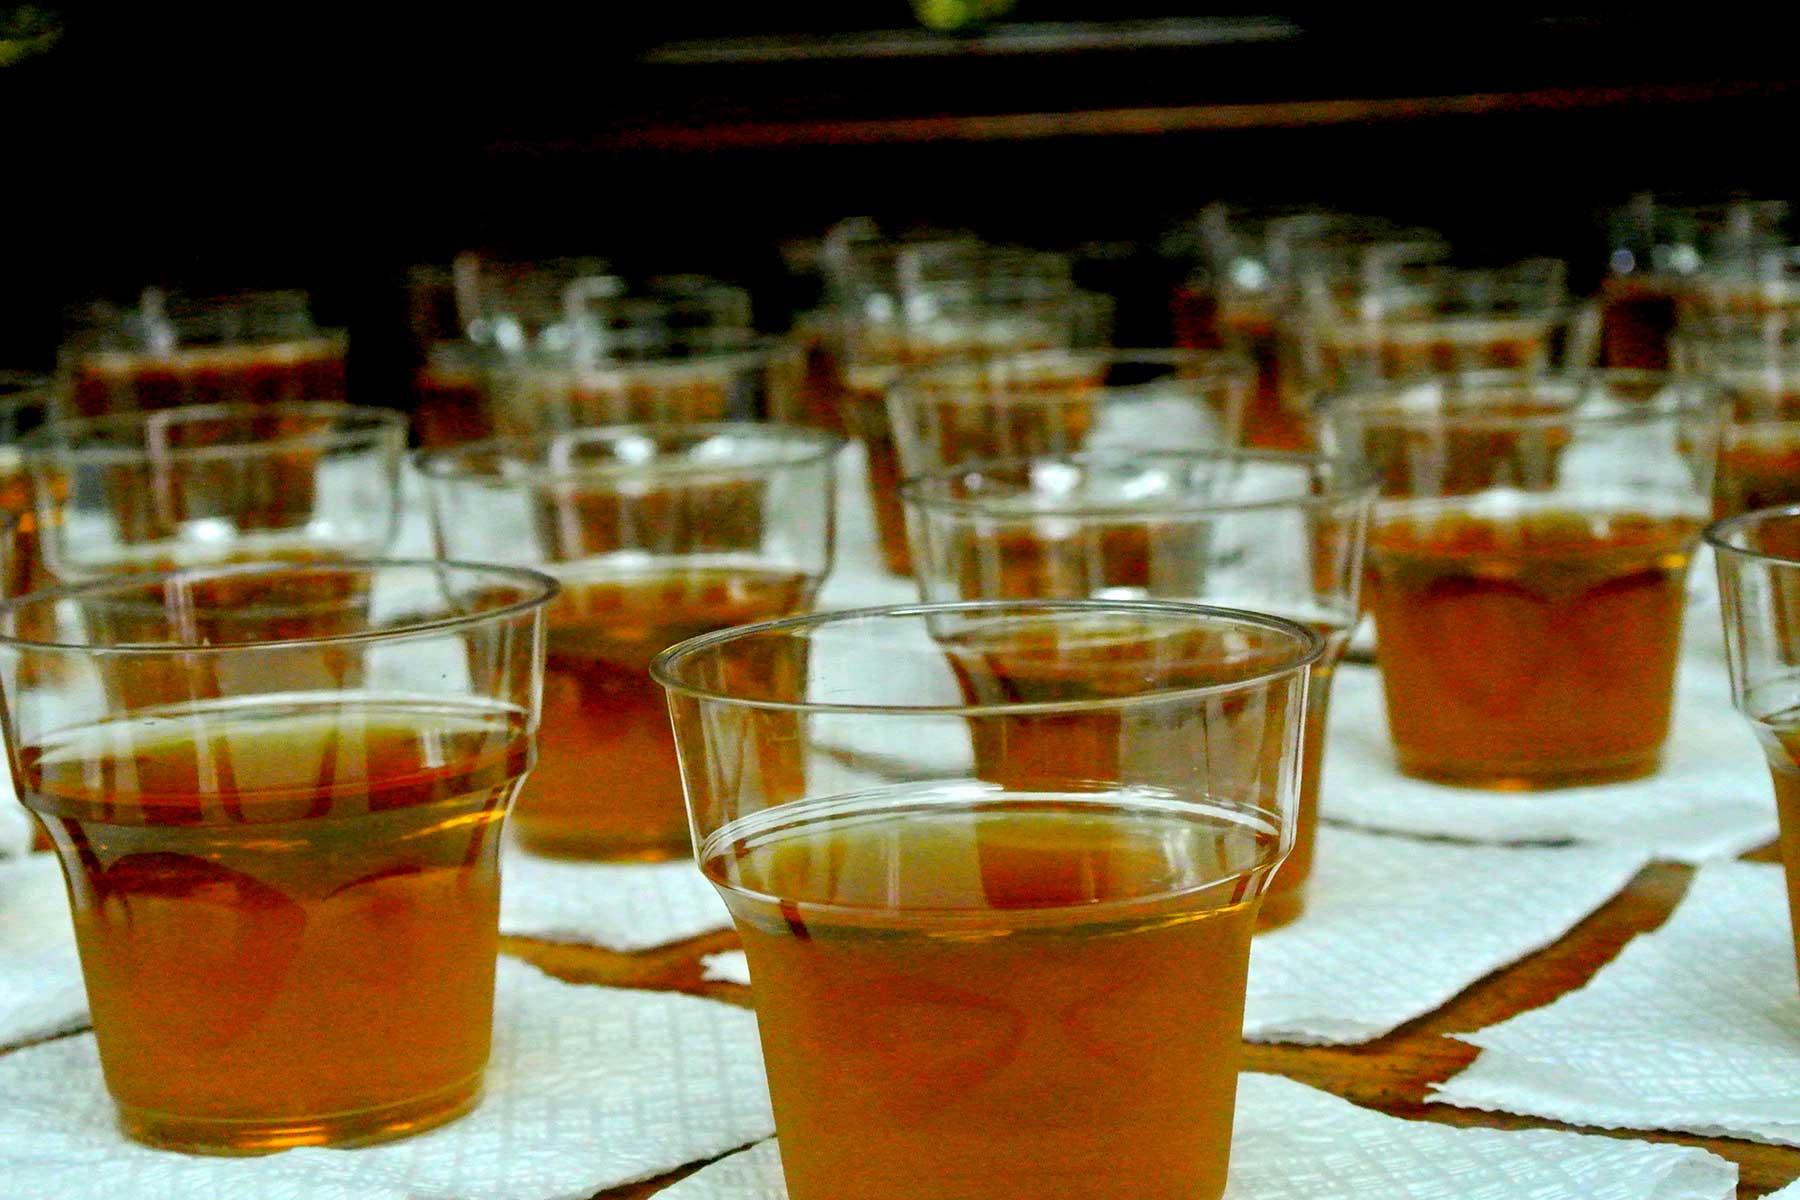 resor_georgien_drinks_nyygren_lind_resebyrå